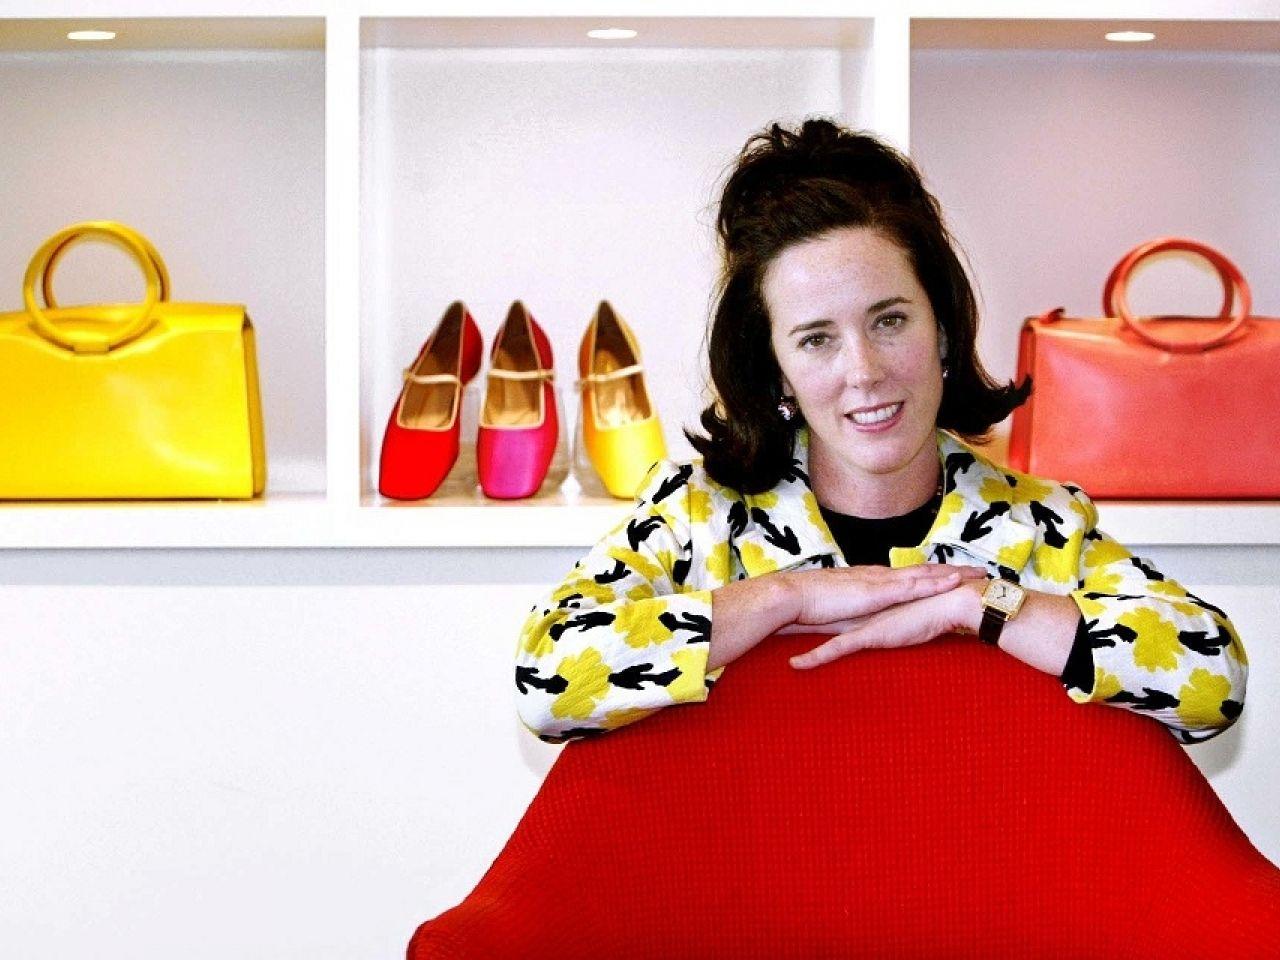 時裝品牌Kate Spade創辦人自殺身亡